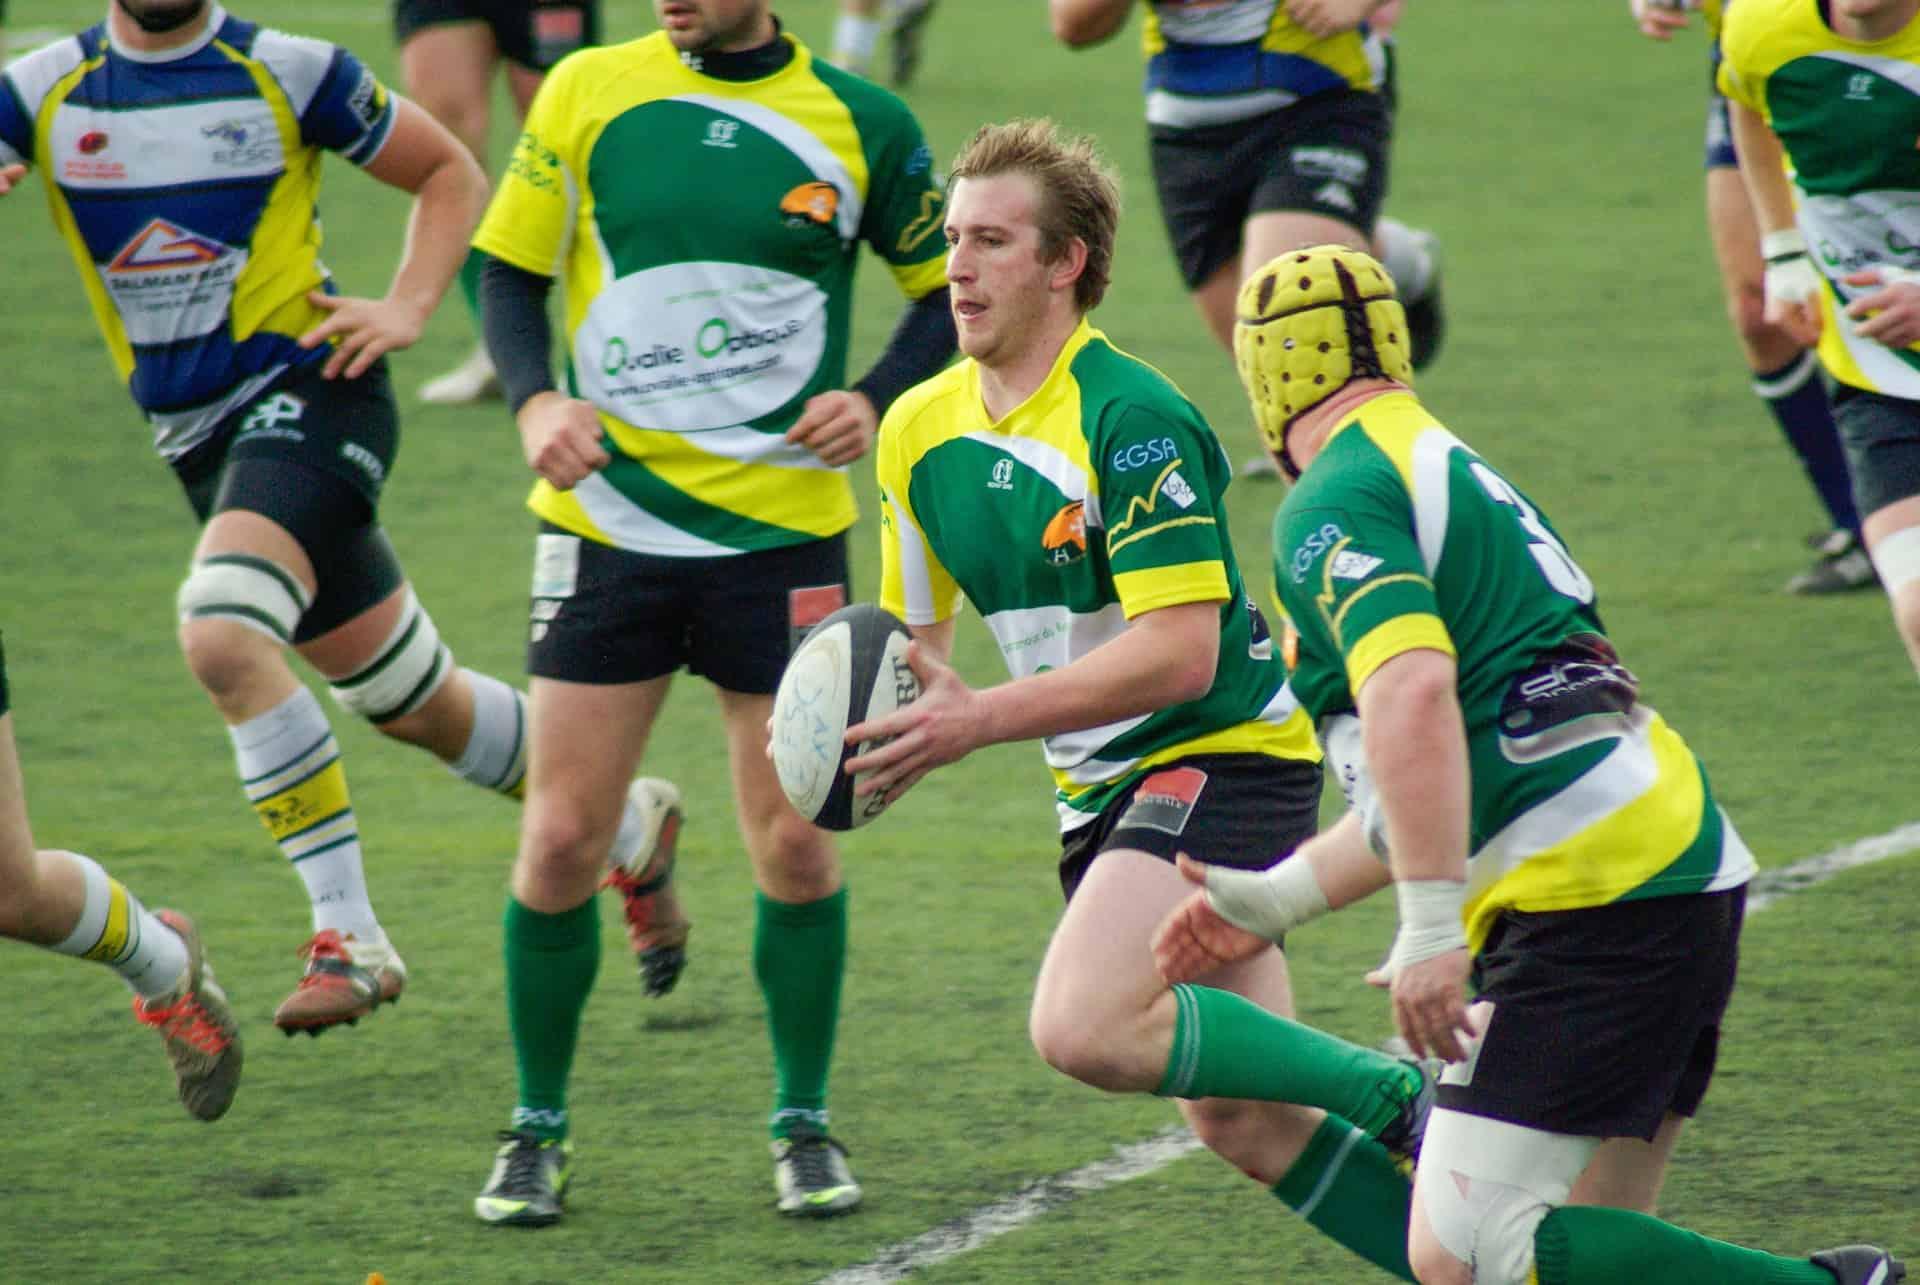 Jogador de camisa verde, amarela e branca carregando uma bola de rugby.